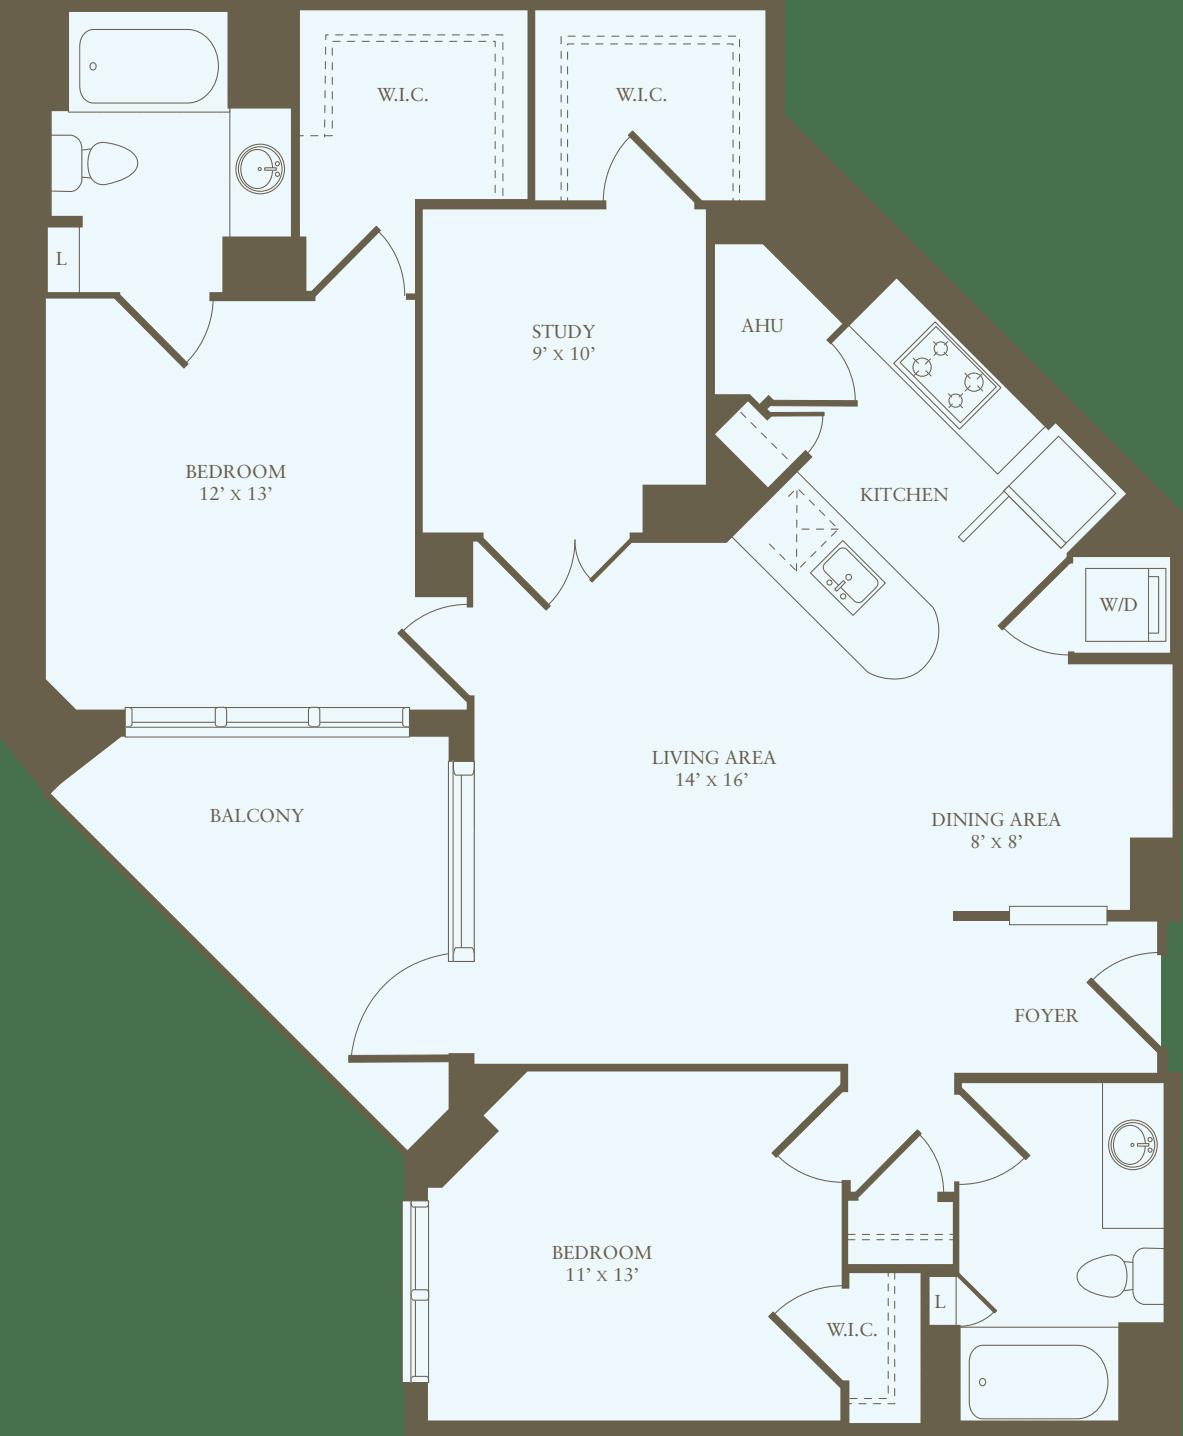 2 Bedrooms JJ